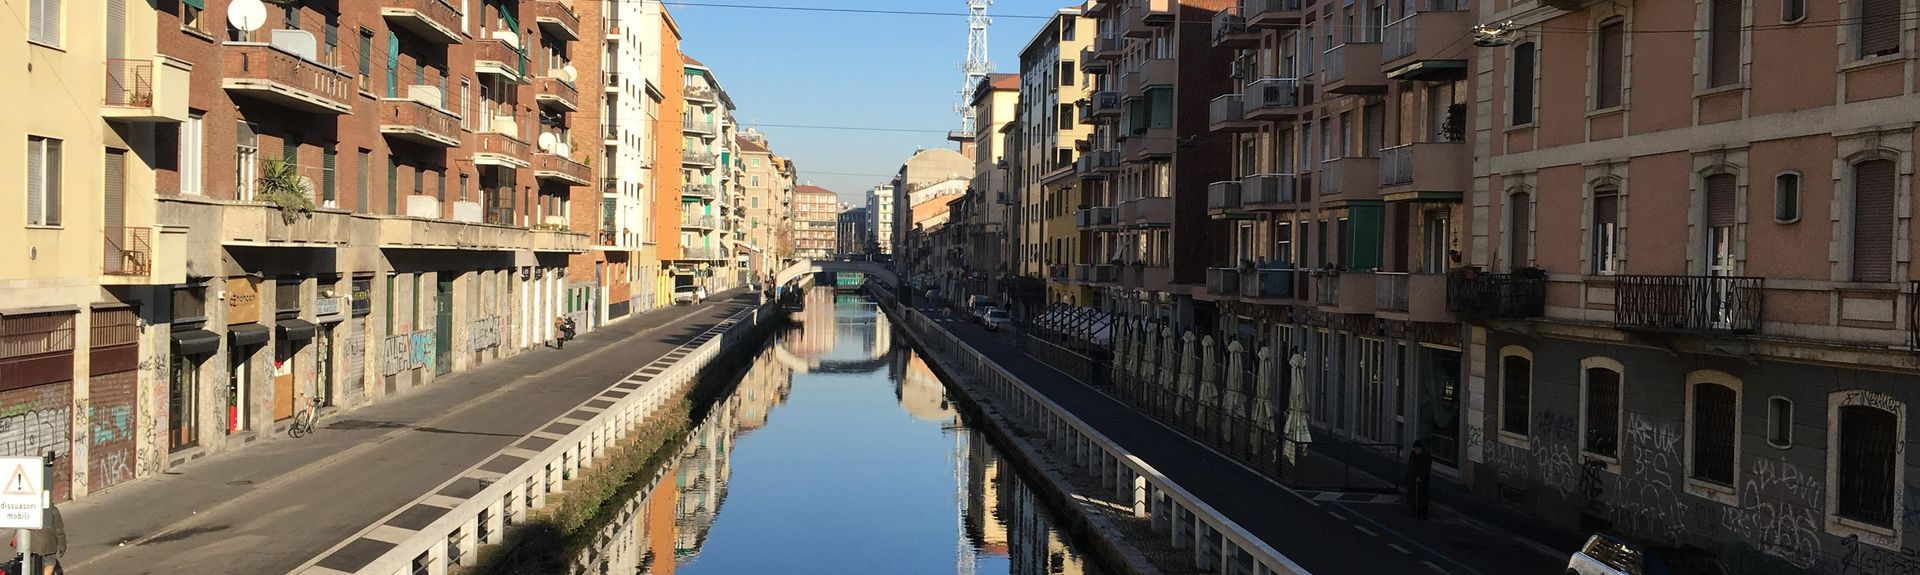 Morivione, Milão, Lombardia, Itália